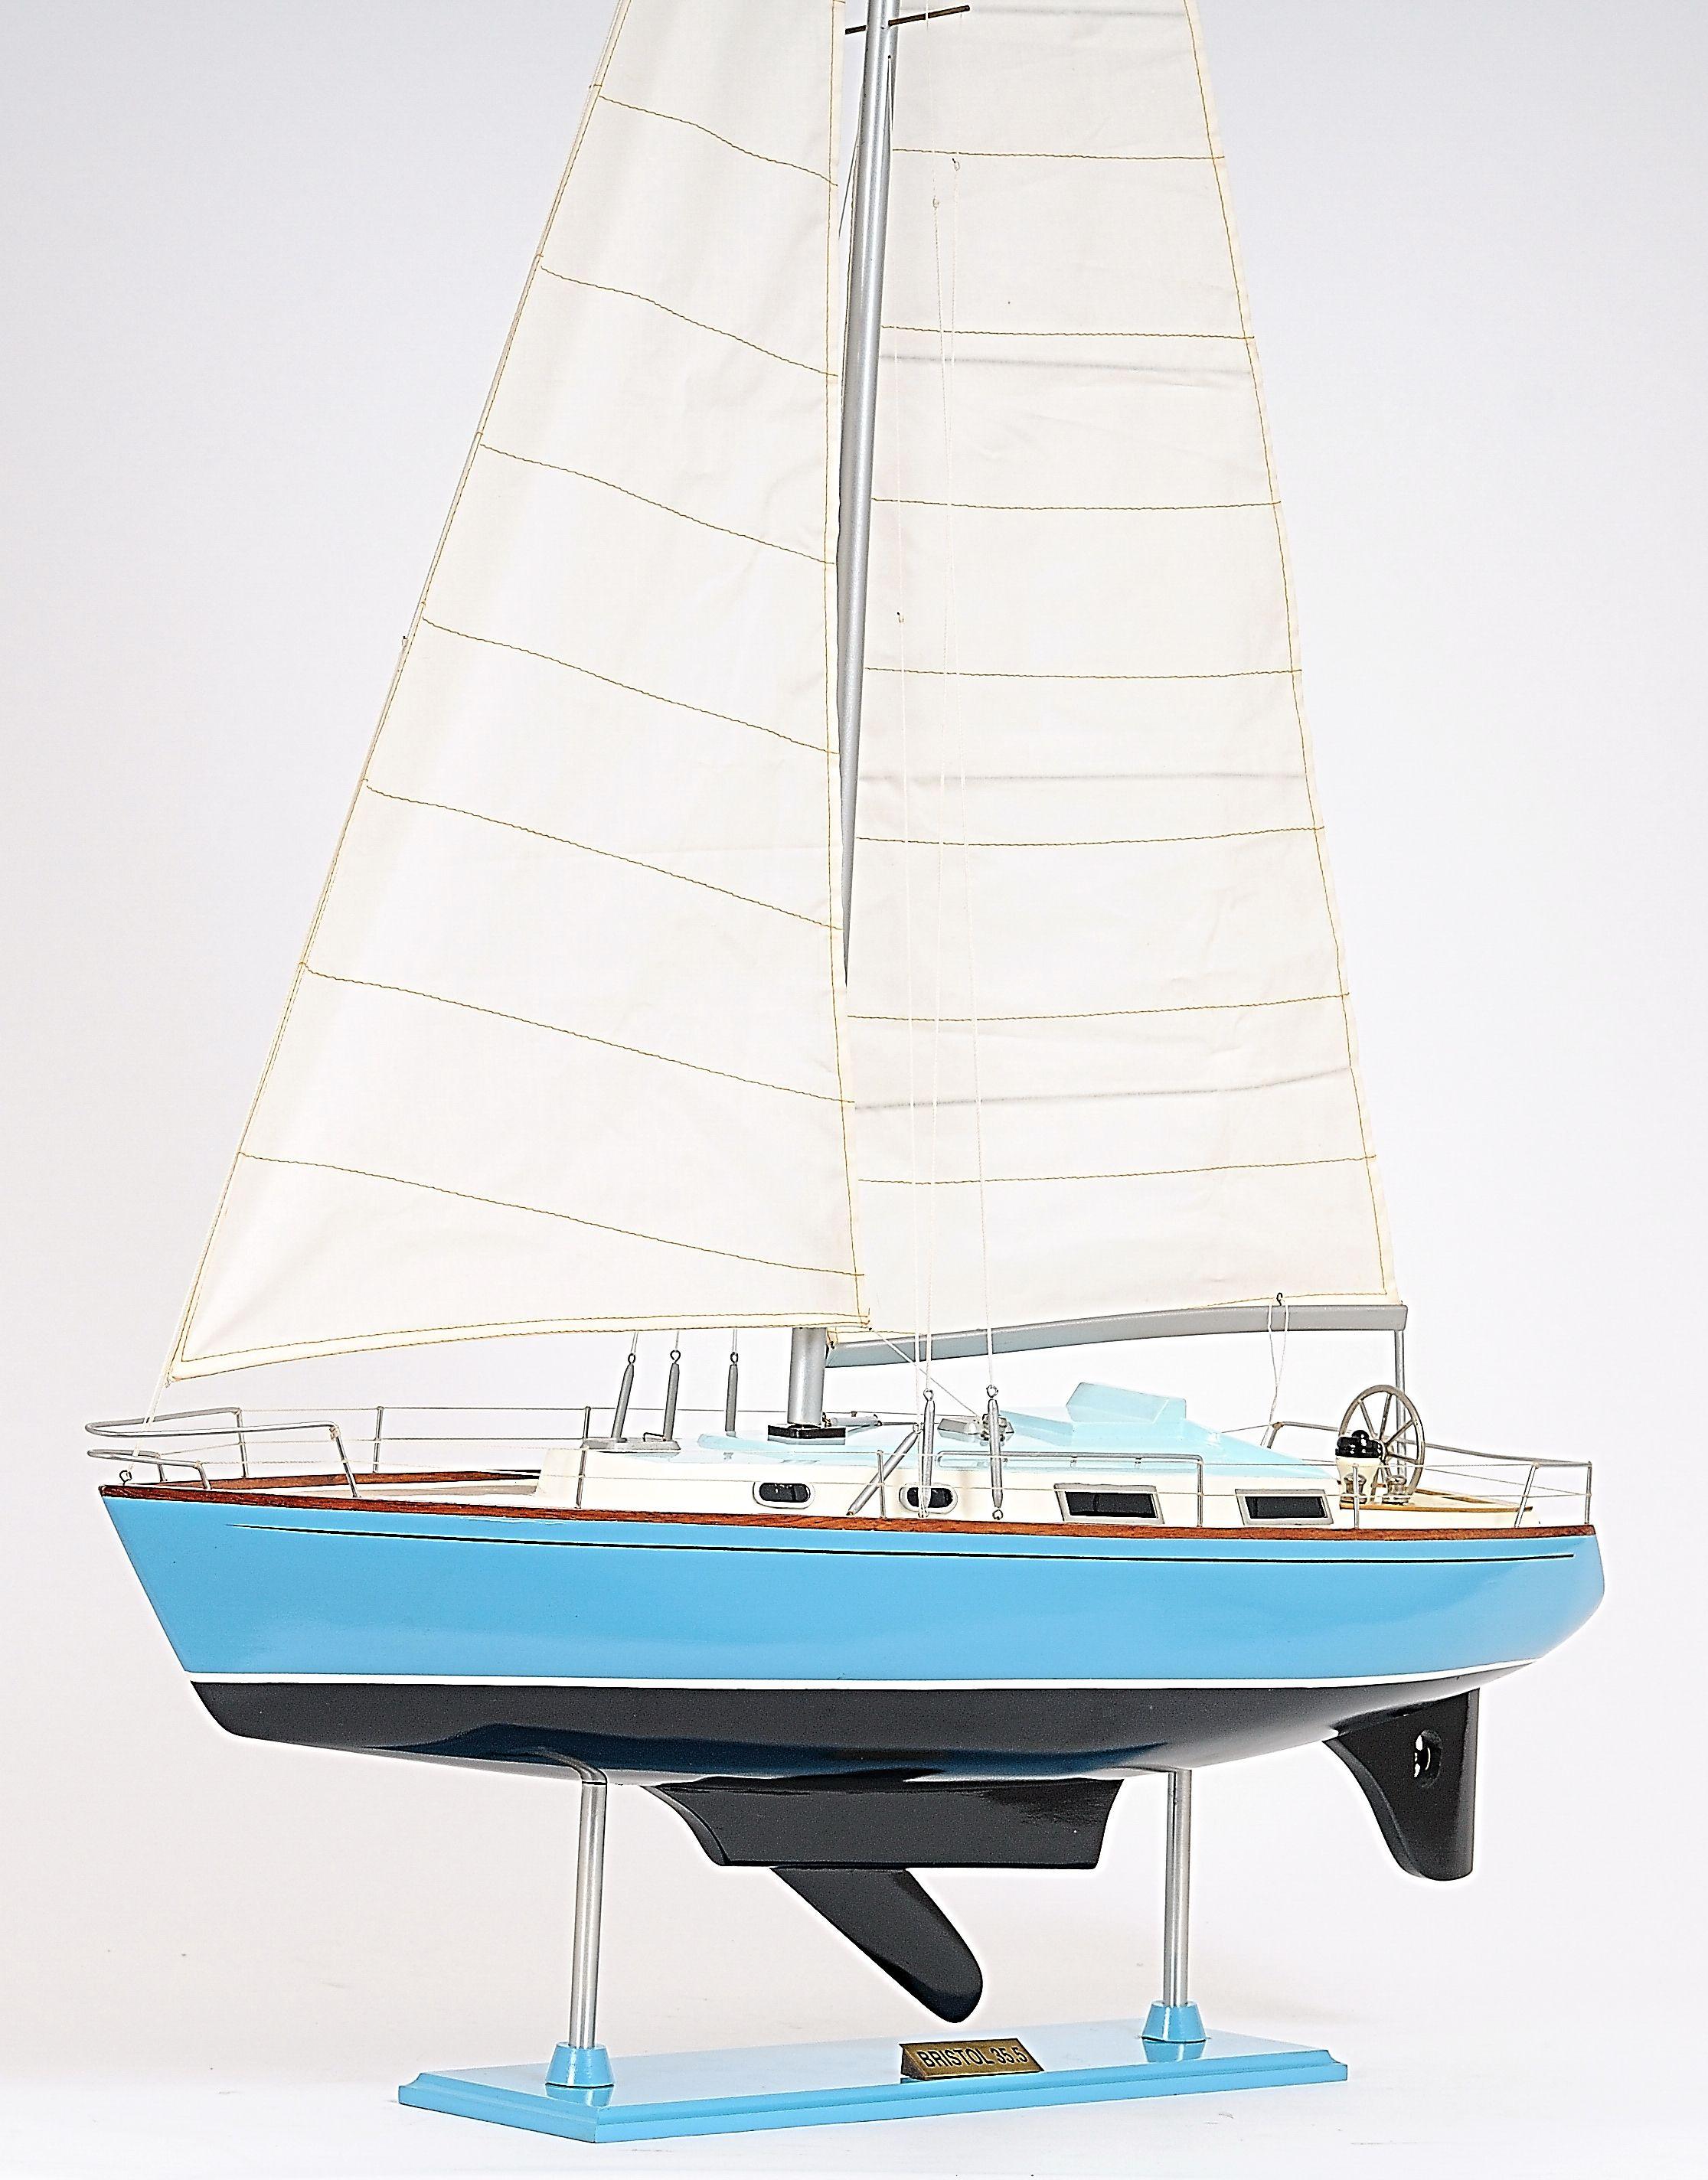 2280-13043-Bristol-35.5-Ship-Model